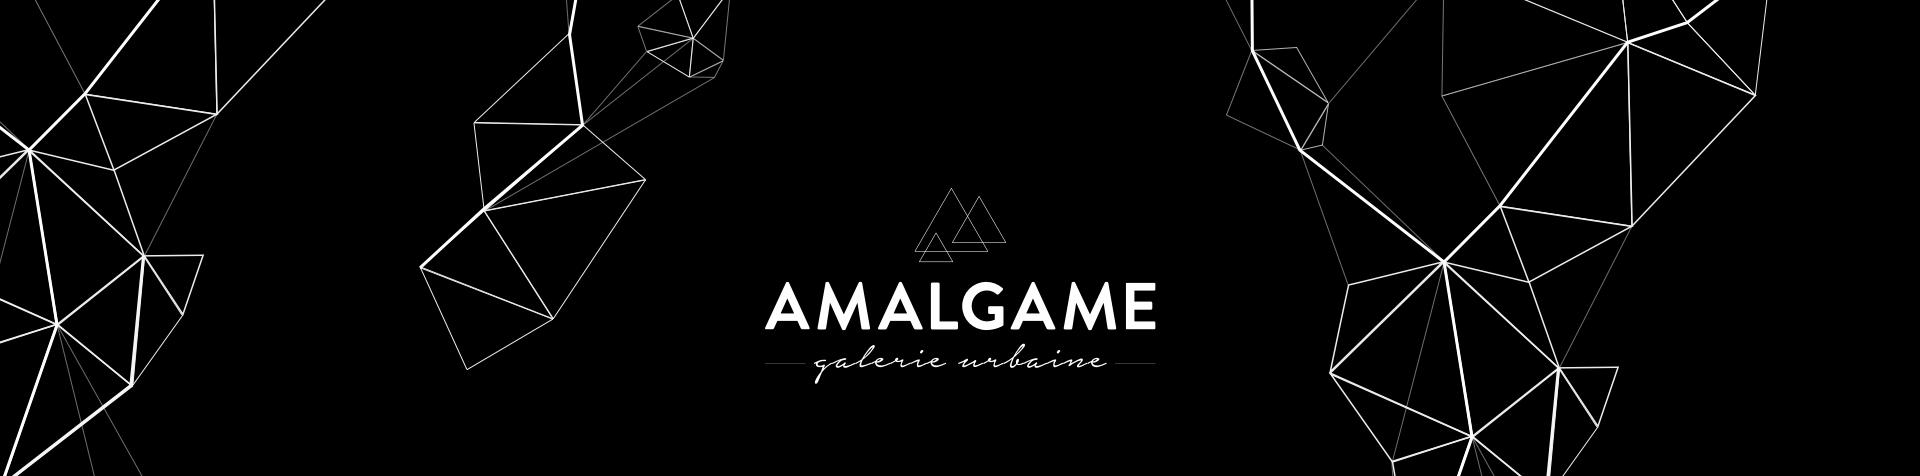 Amalgame - Galerie urbaine - DUO